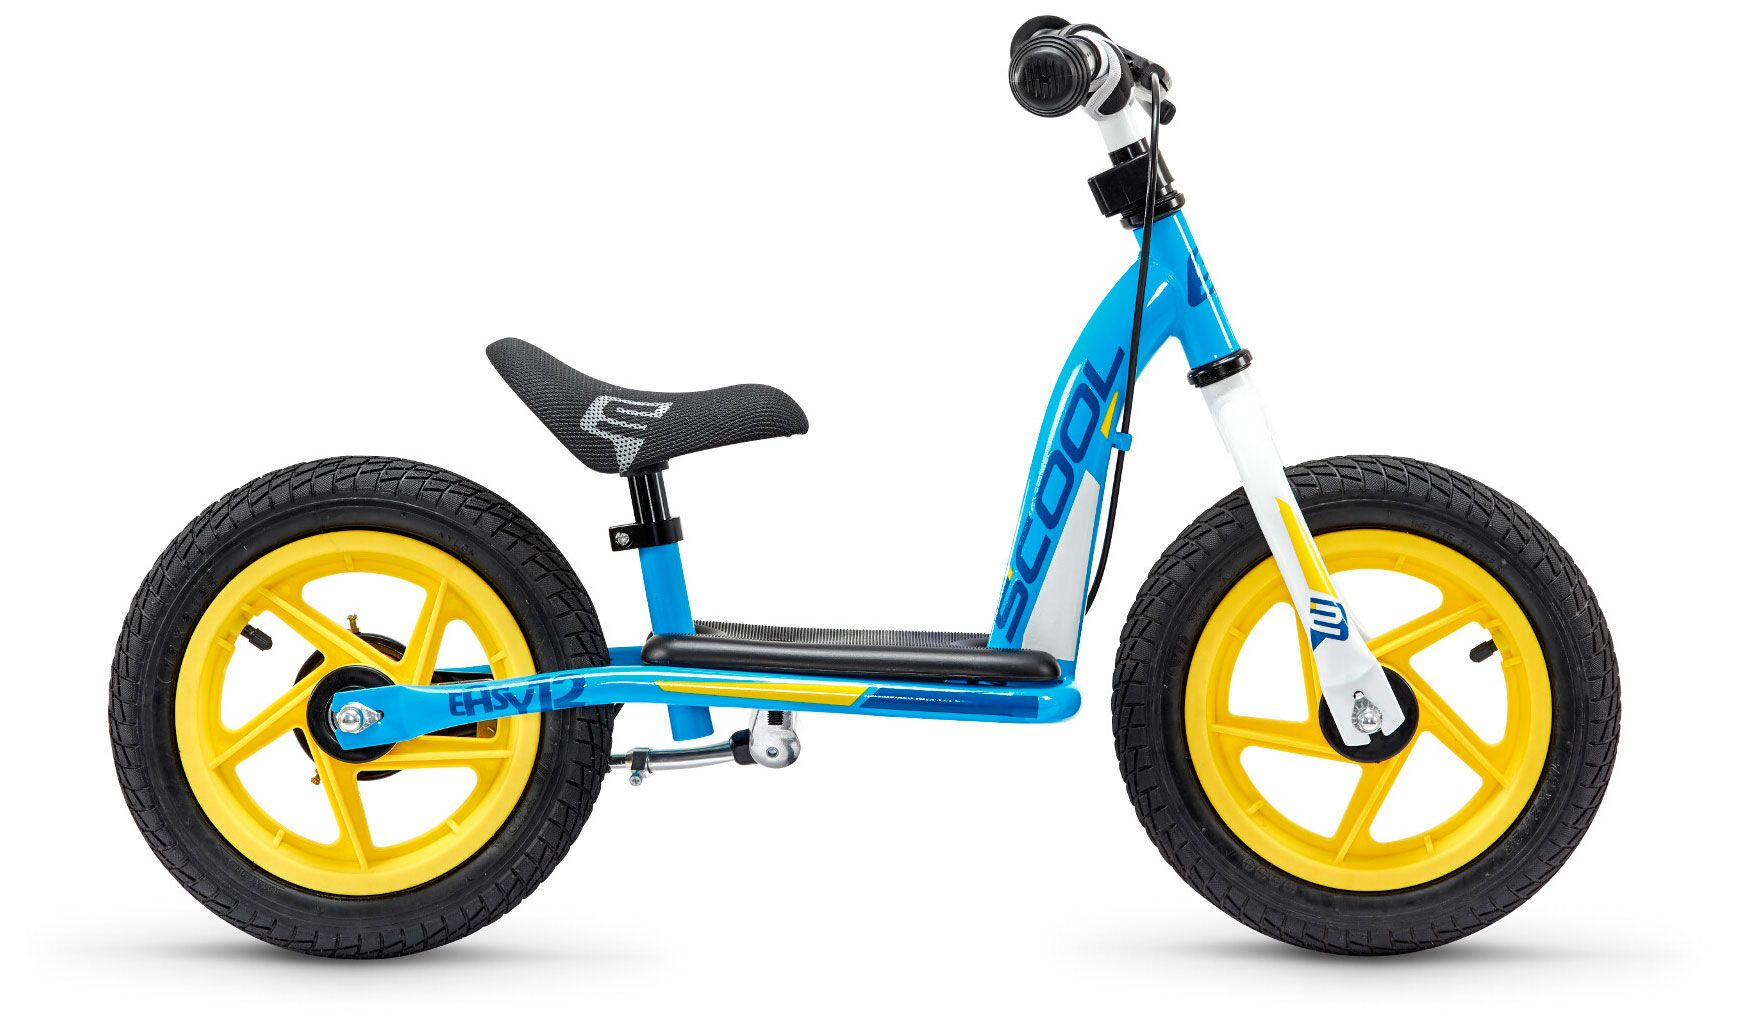 купить Велосипед Scool pedeX easy 12 2018 по цене 6390 рублей